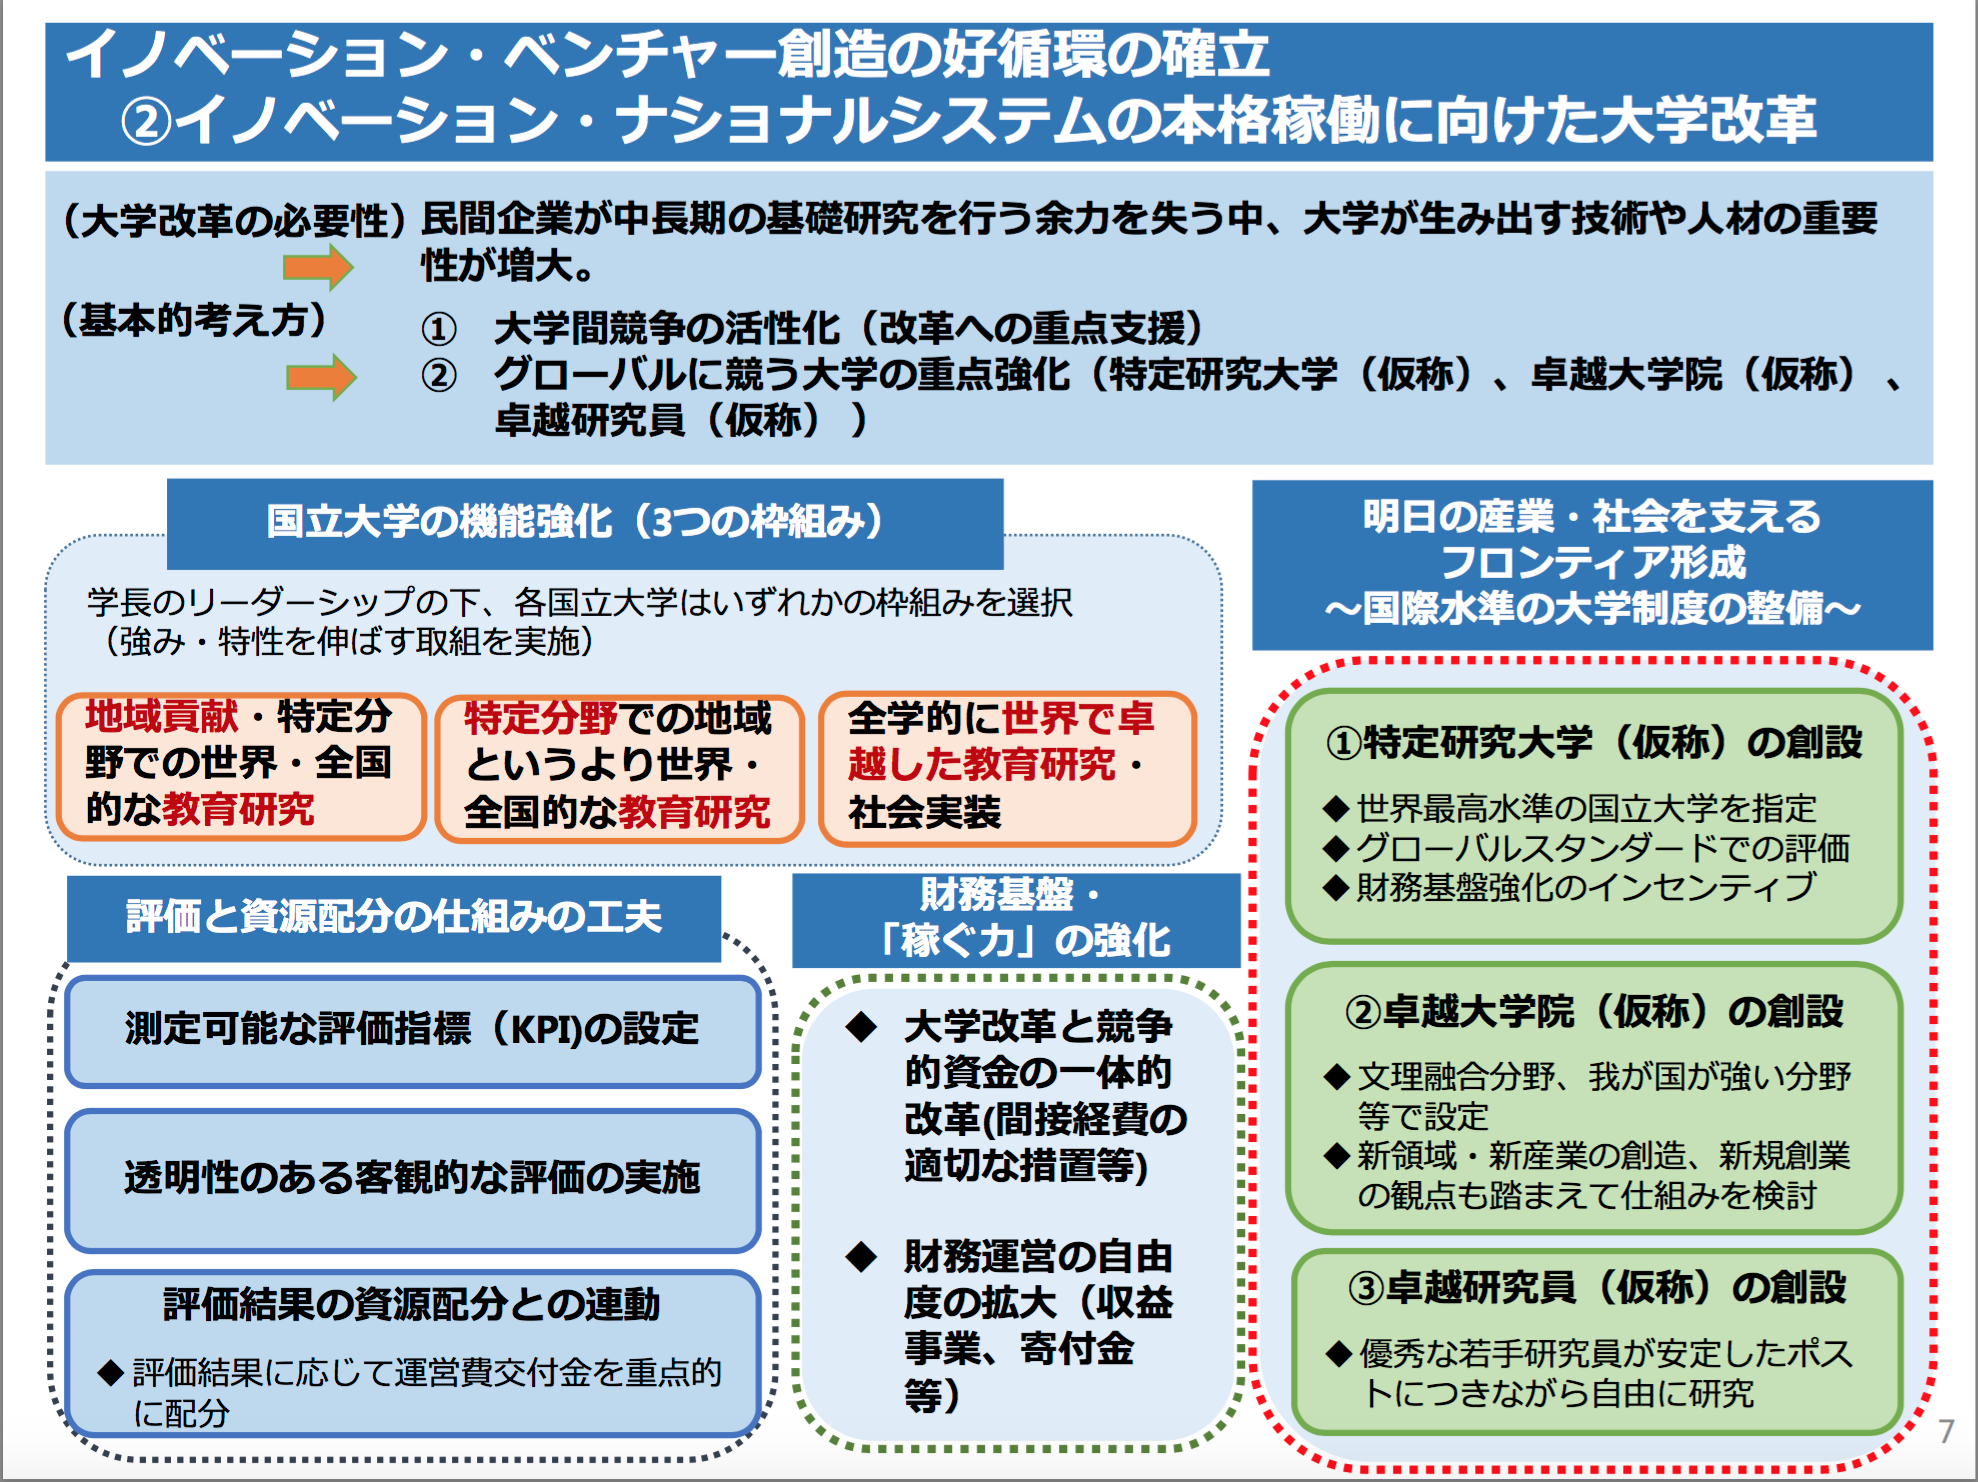 日本再興戦略2015ー7